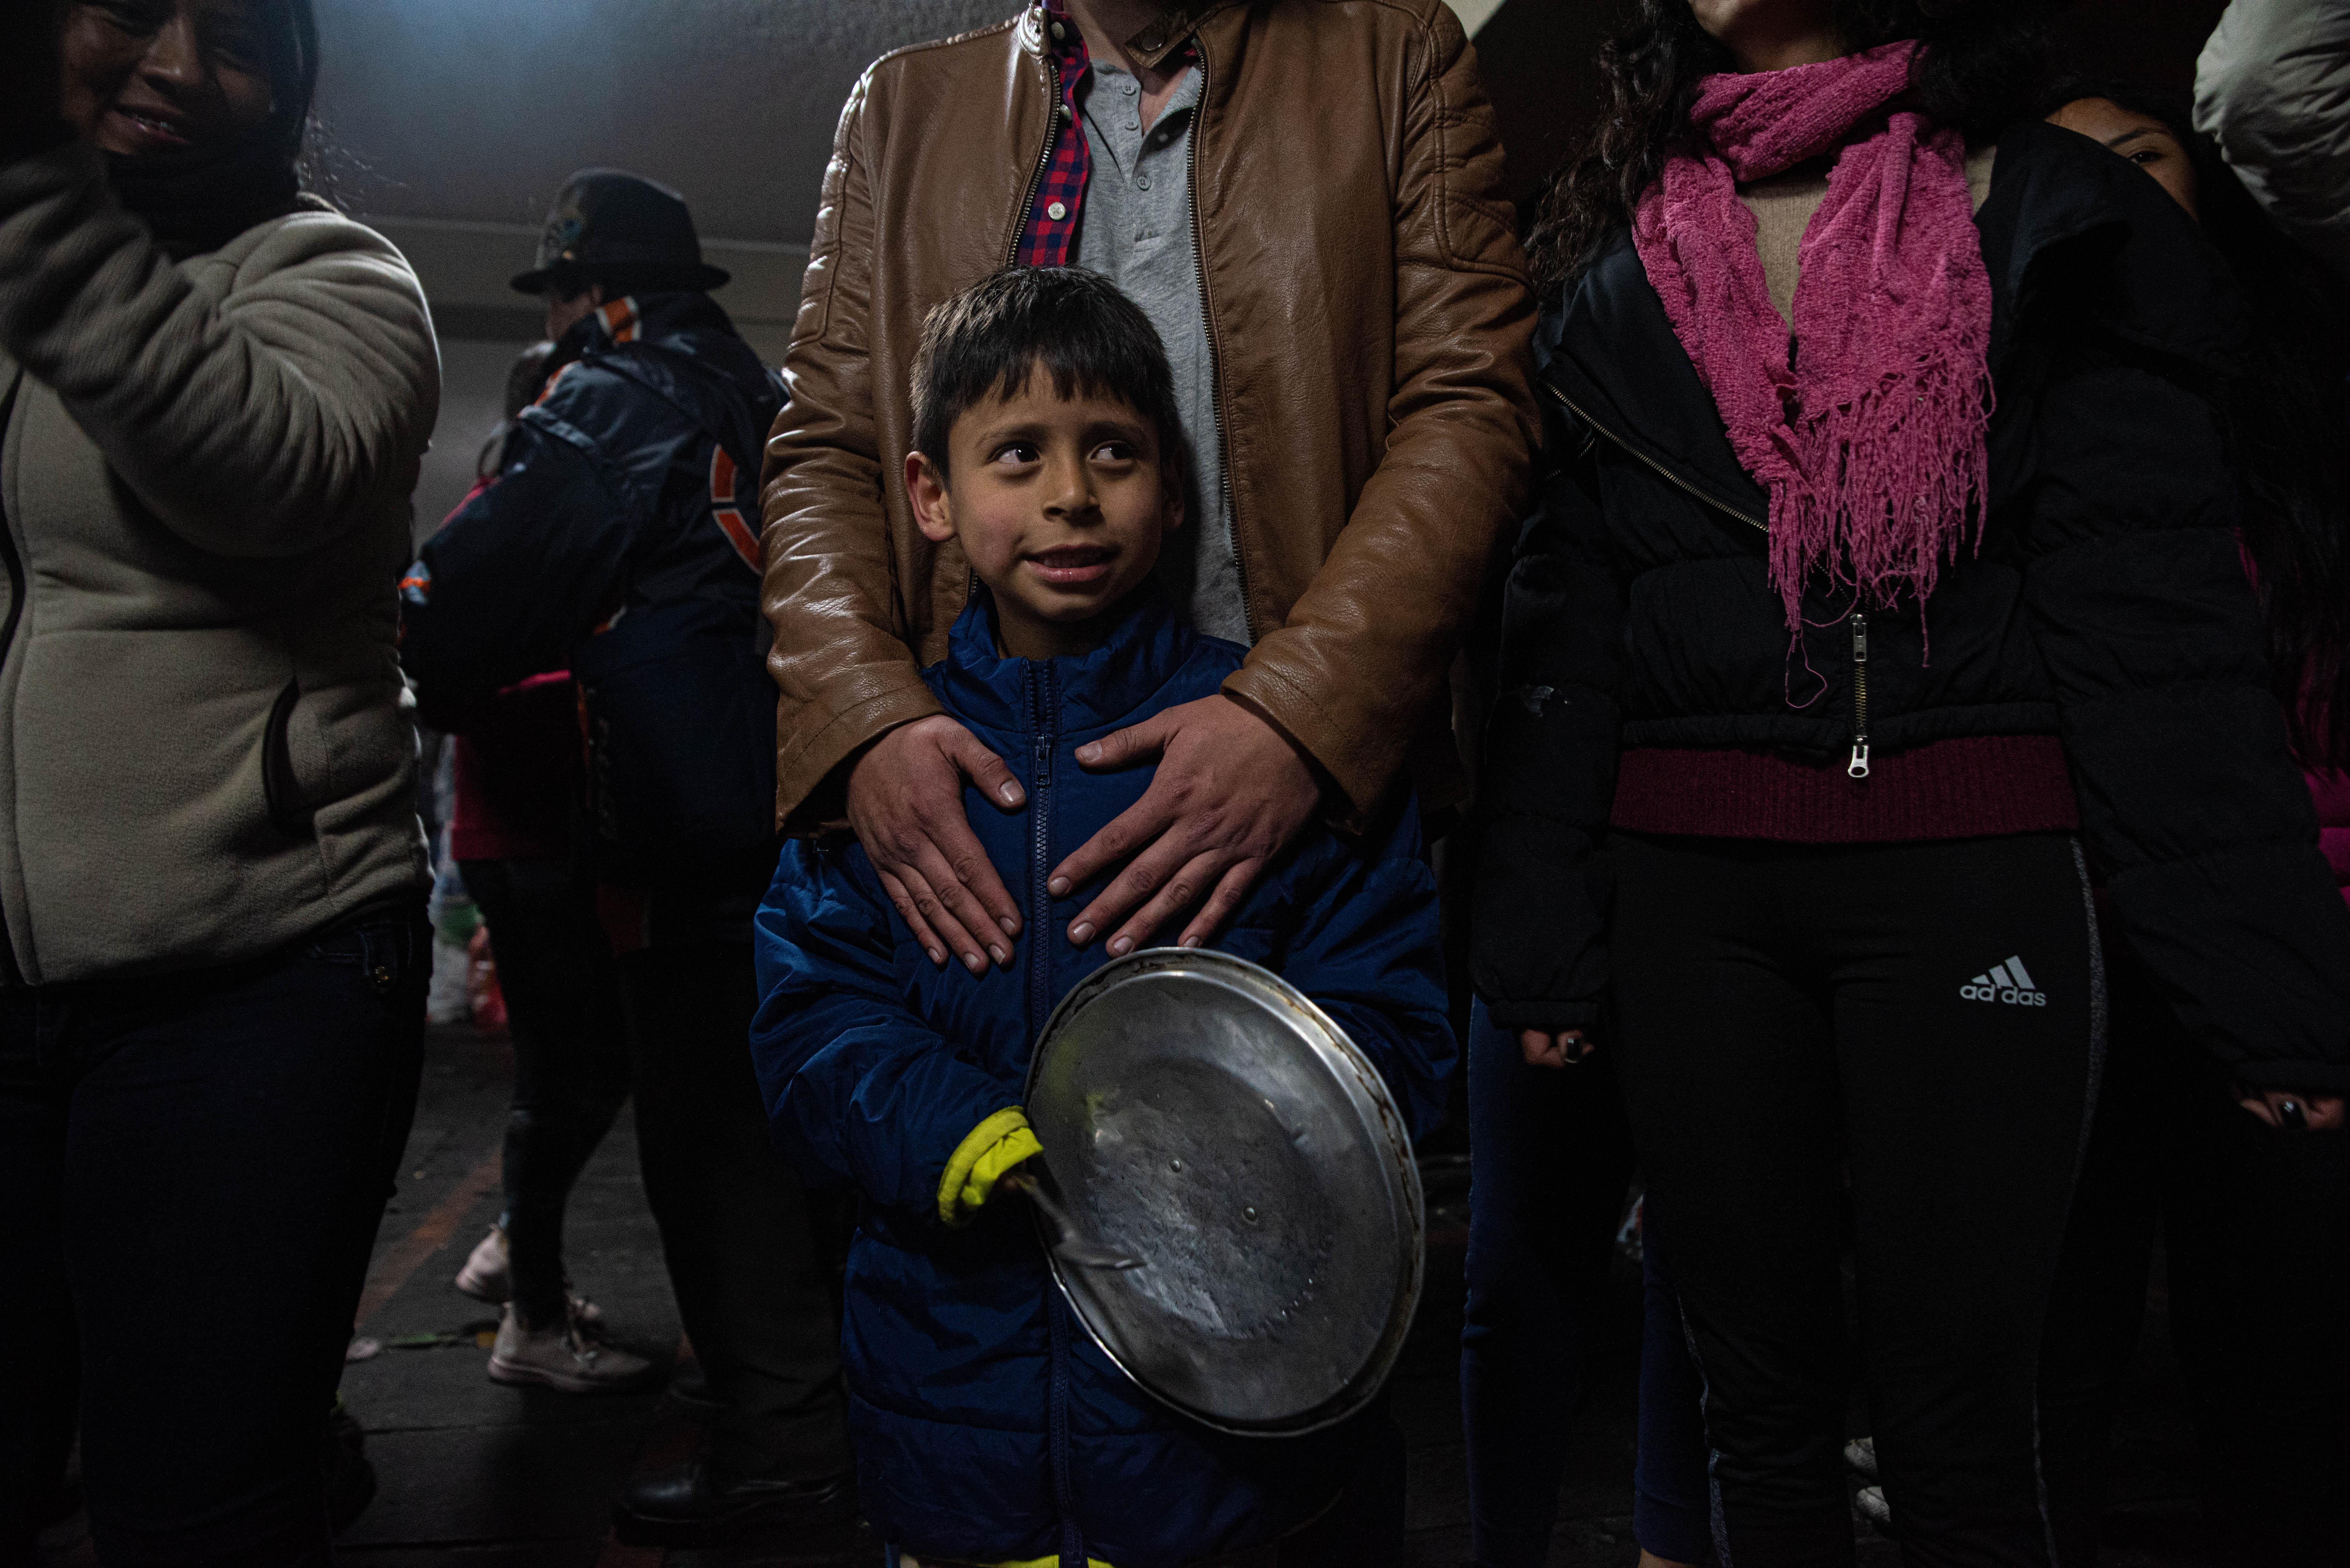 Un niño con su padre golpea la tapa de una cacerola para celebrar durante festejos que se vivieron en Quito en la noche del domingo